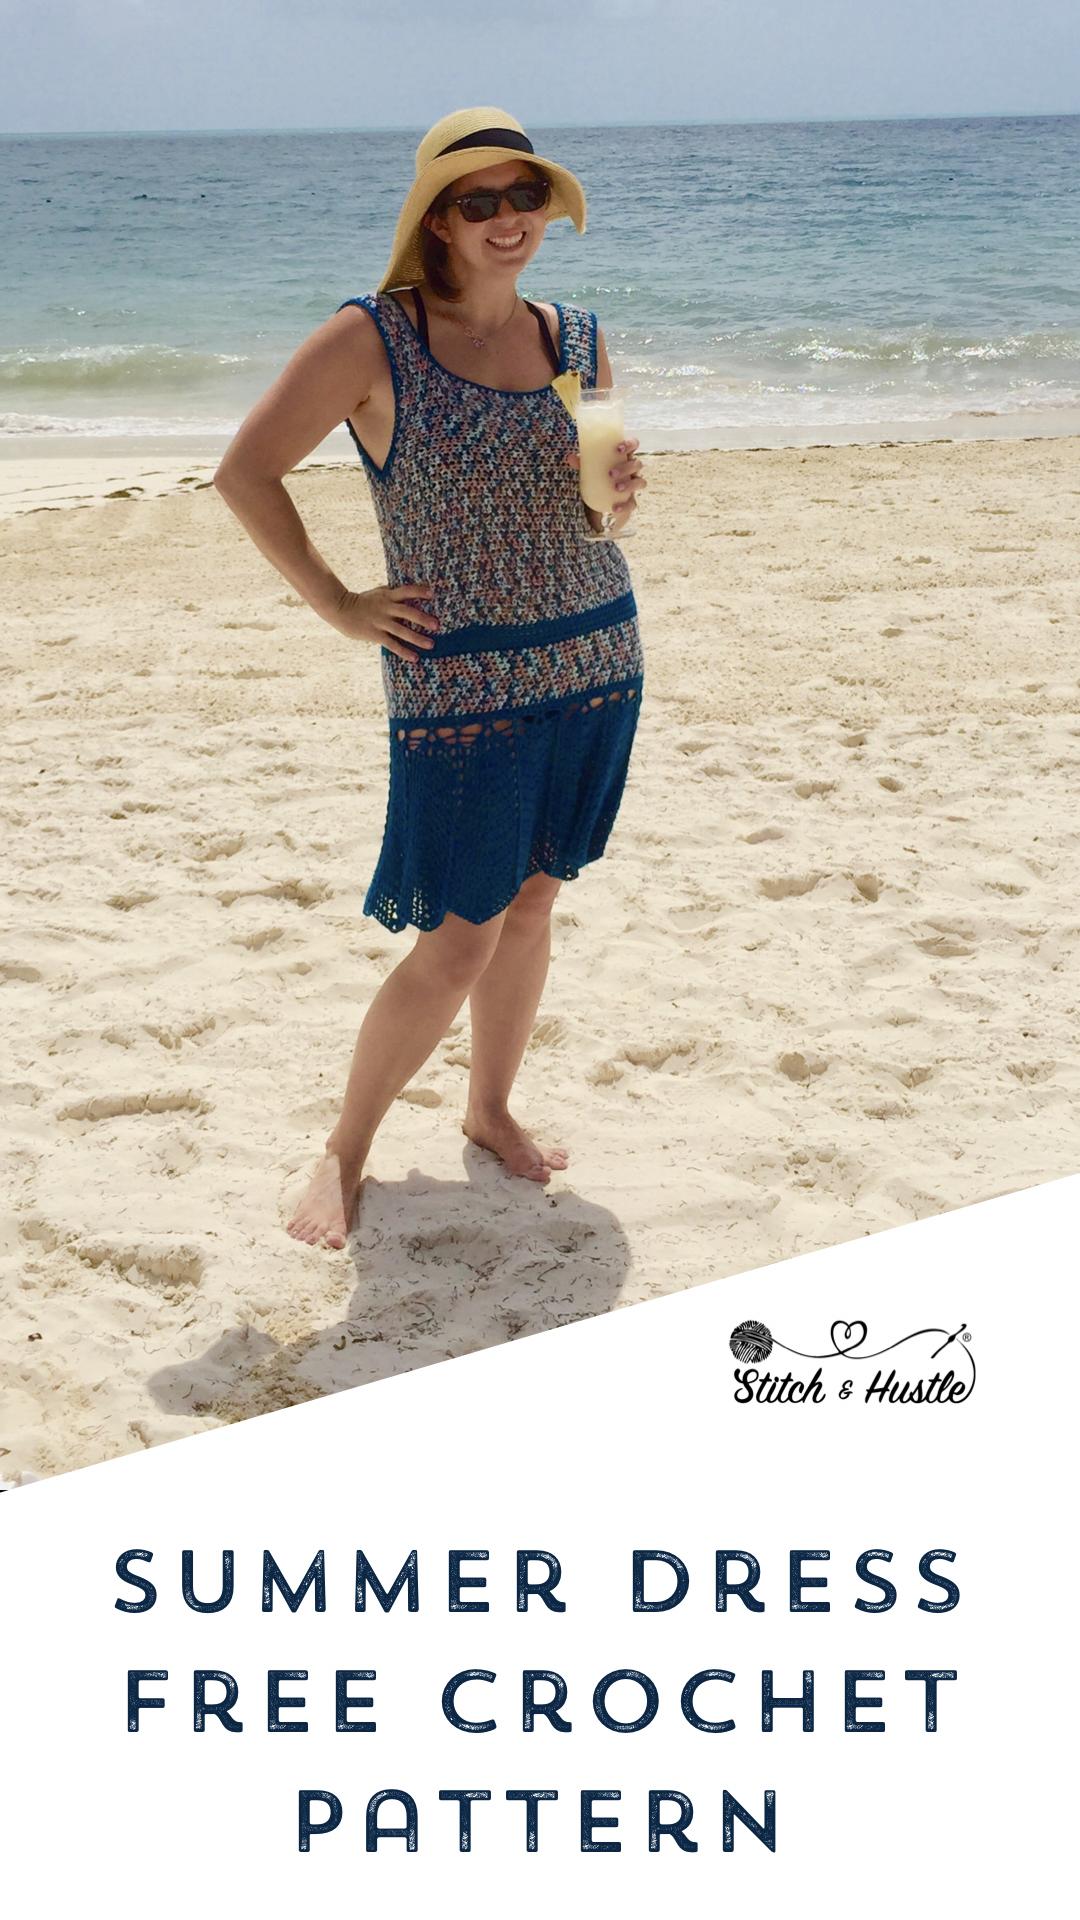 Summer_beach_dress_Free-Crochet_pattern_1.jpeg